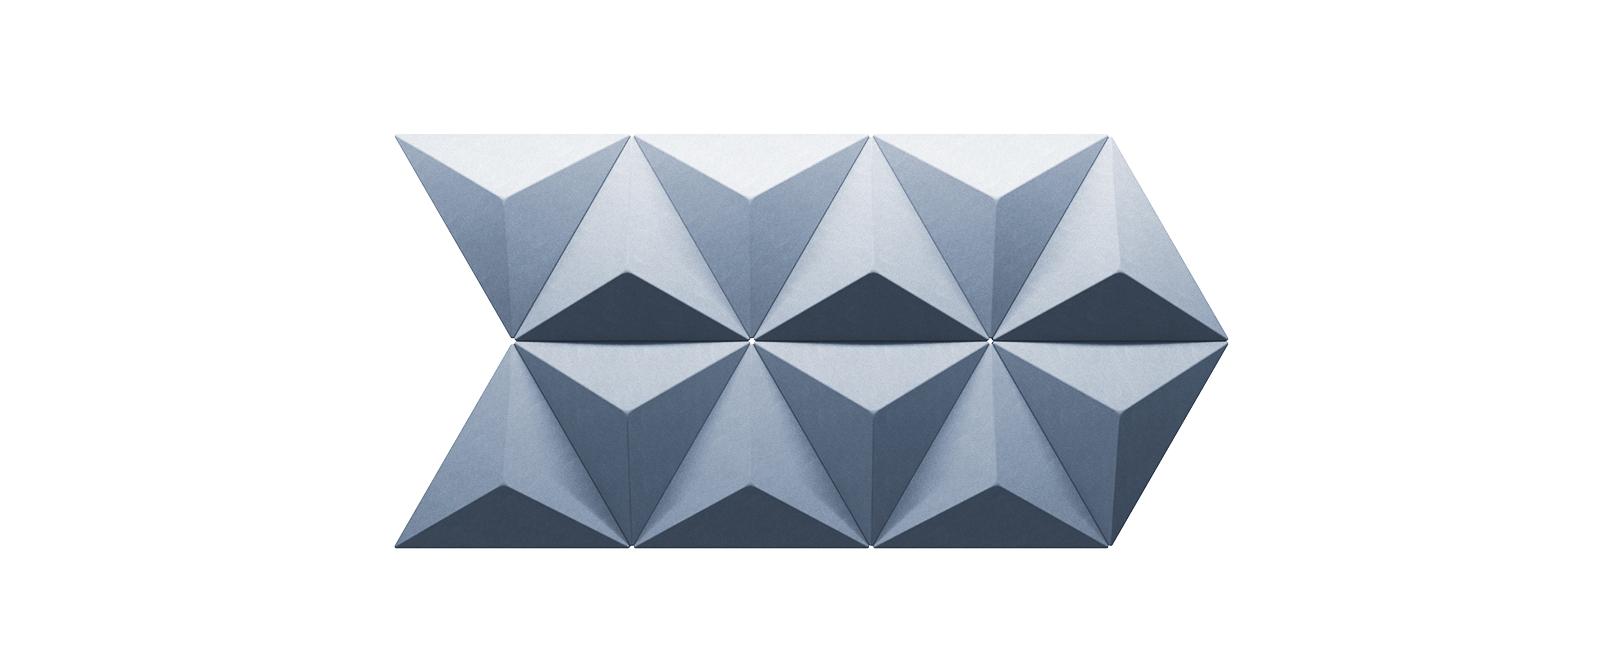 Autex Quietspace 3D-Tiles S-5.46   Porcelain